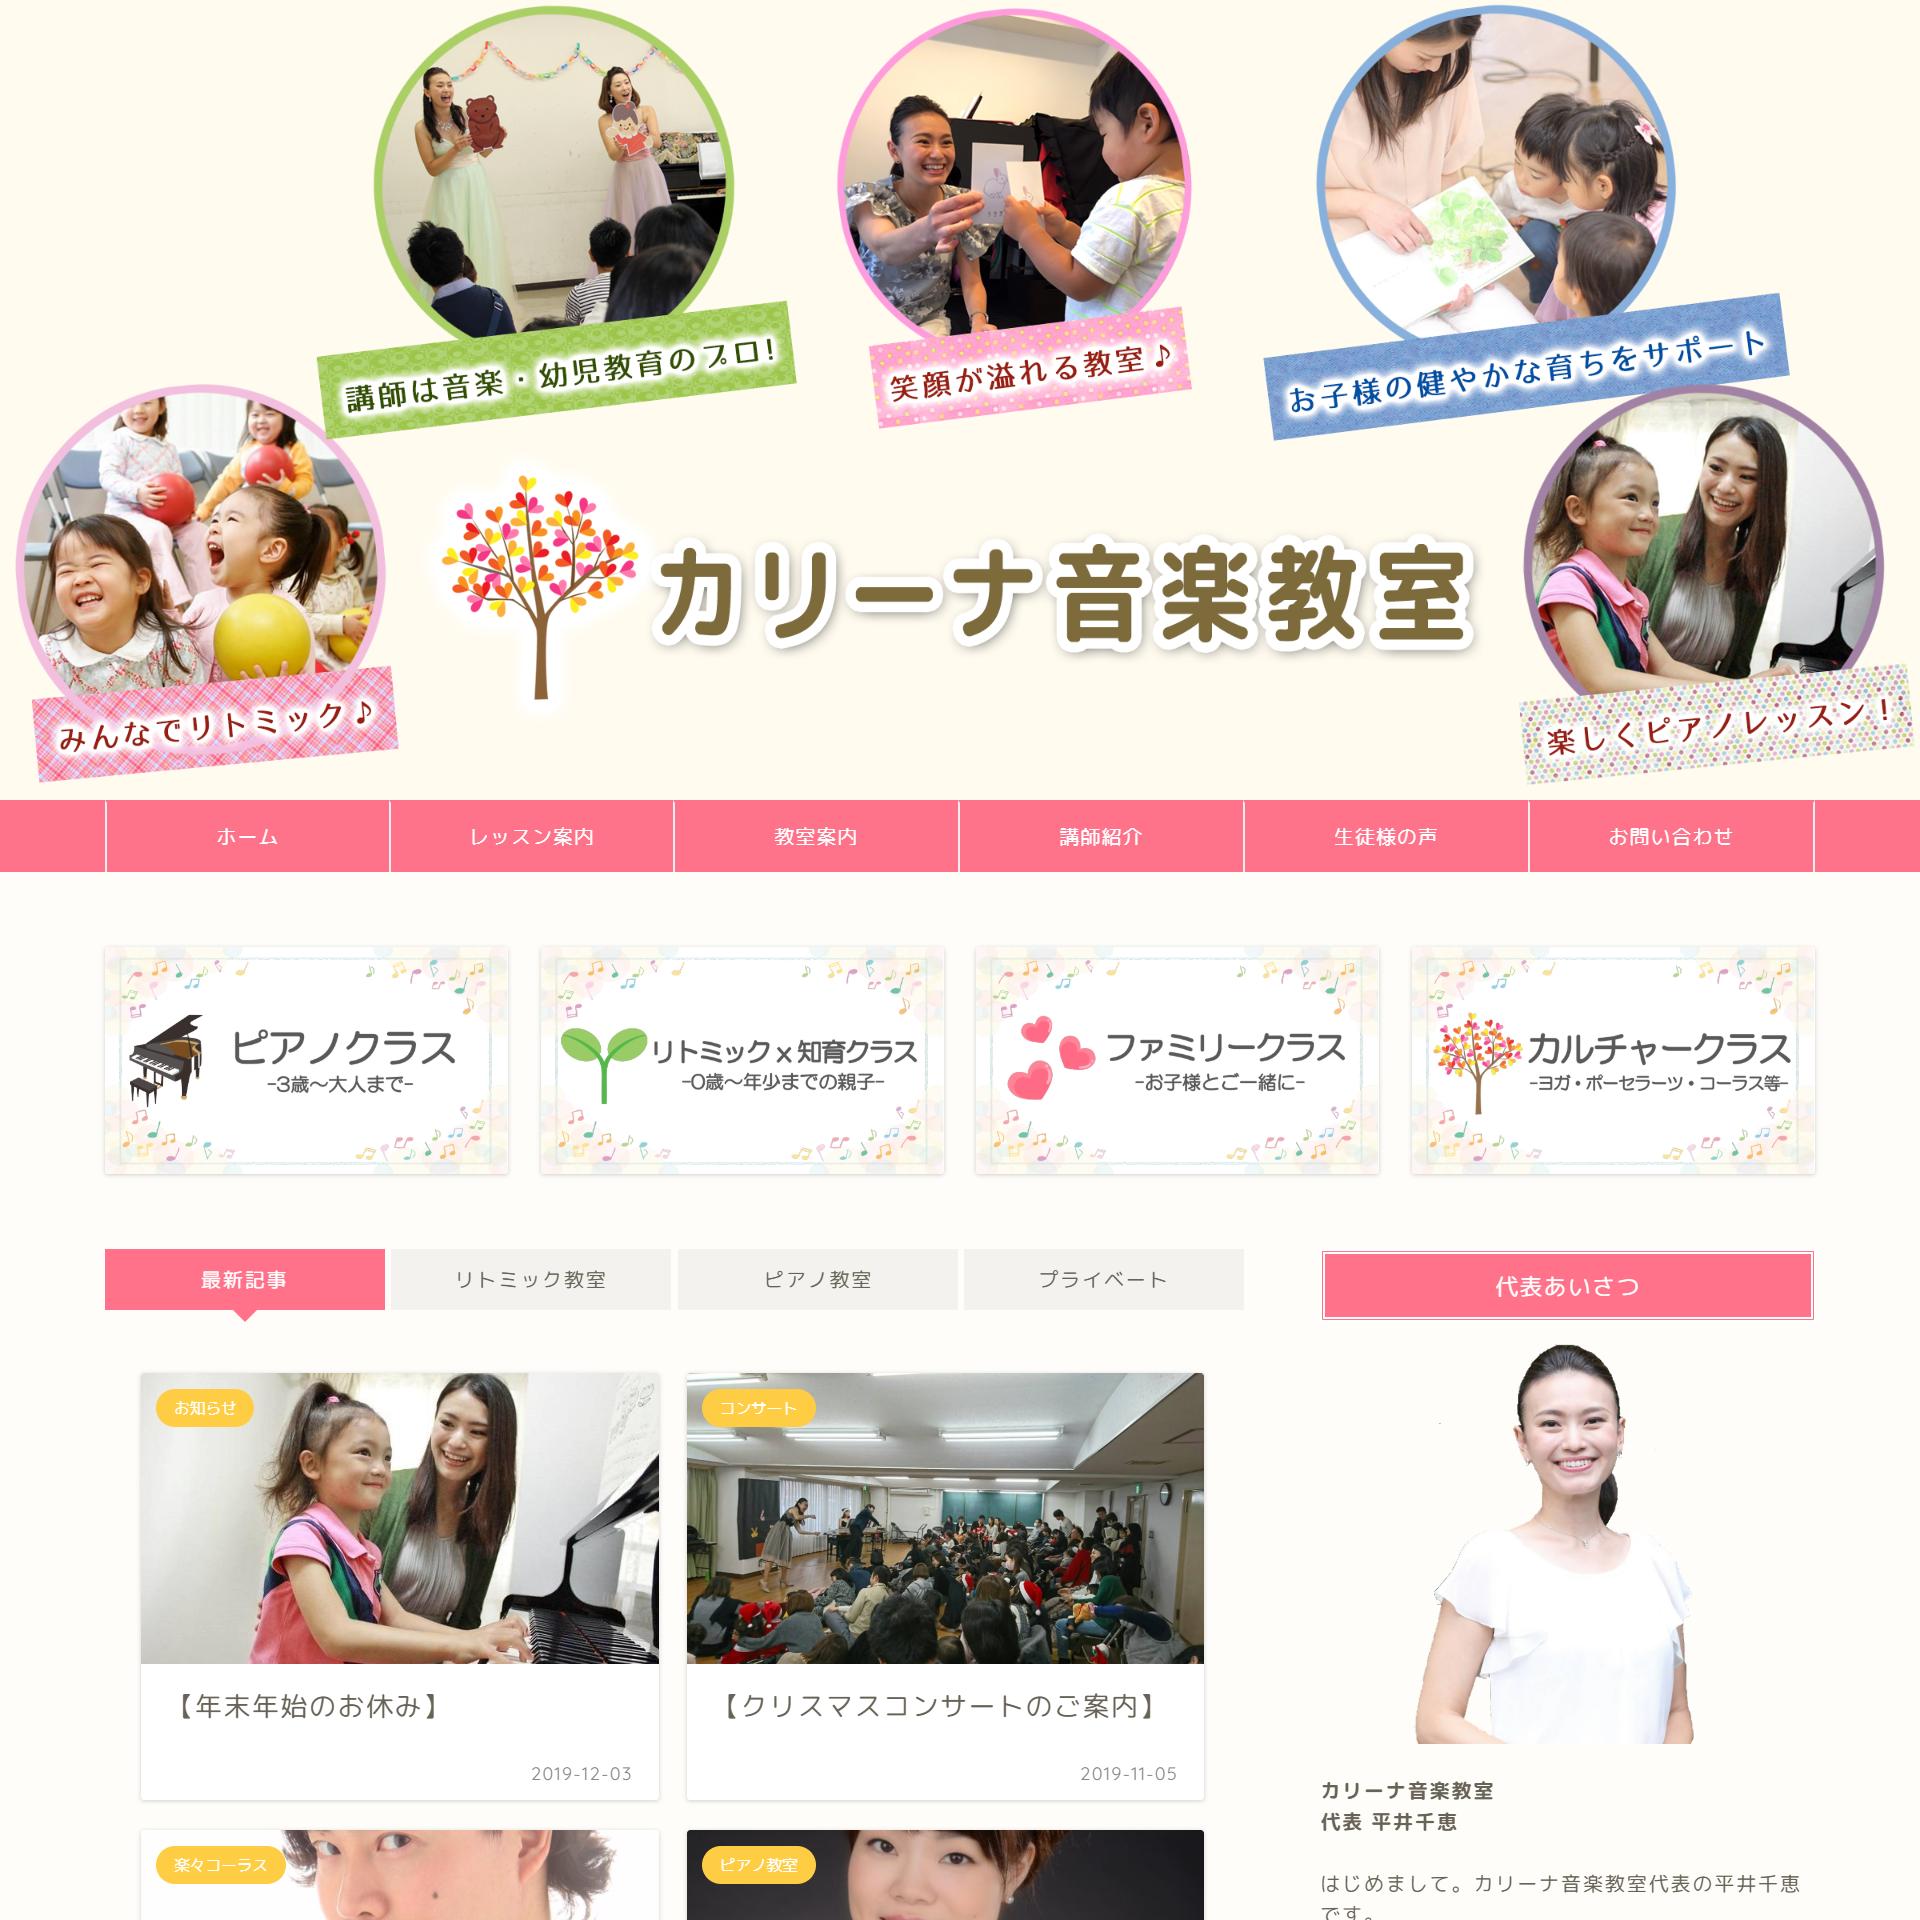 大阪市都島区のピアノ教室『カリーナ音楽教室』